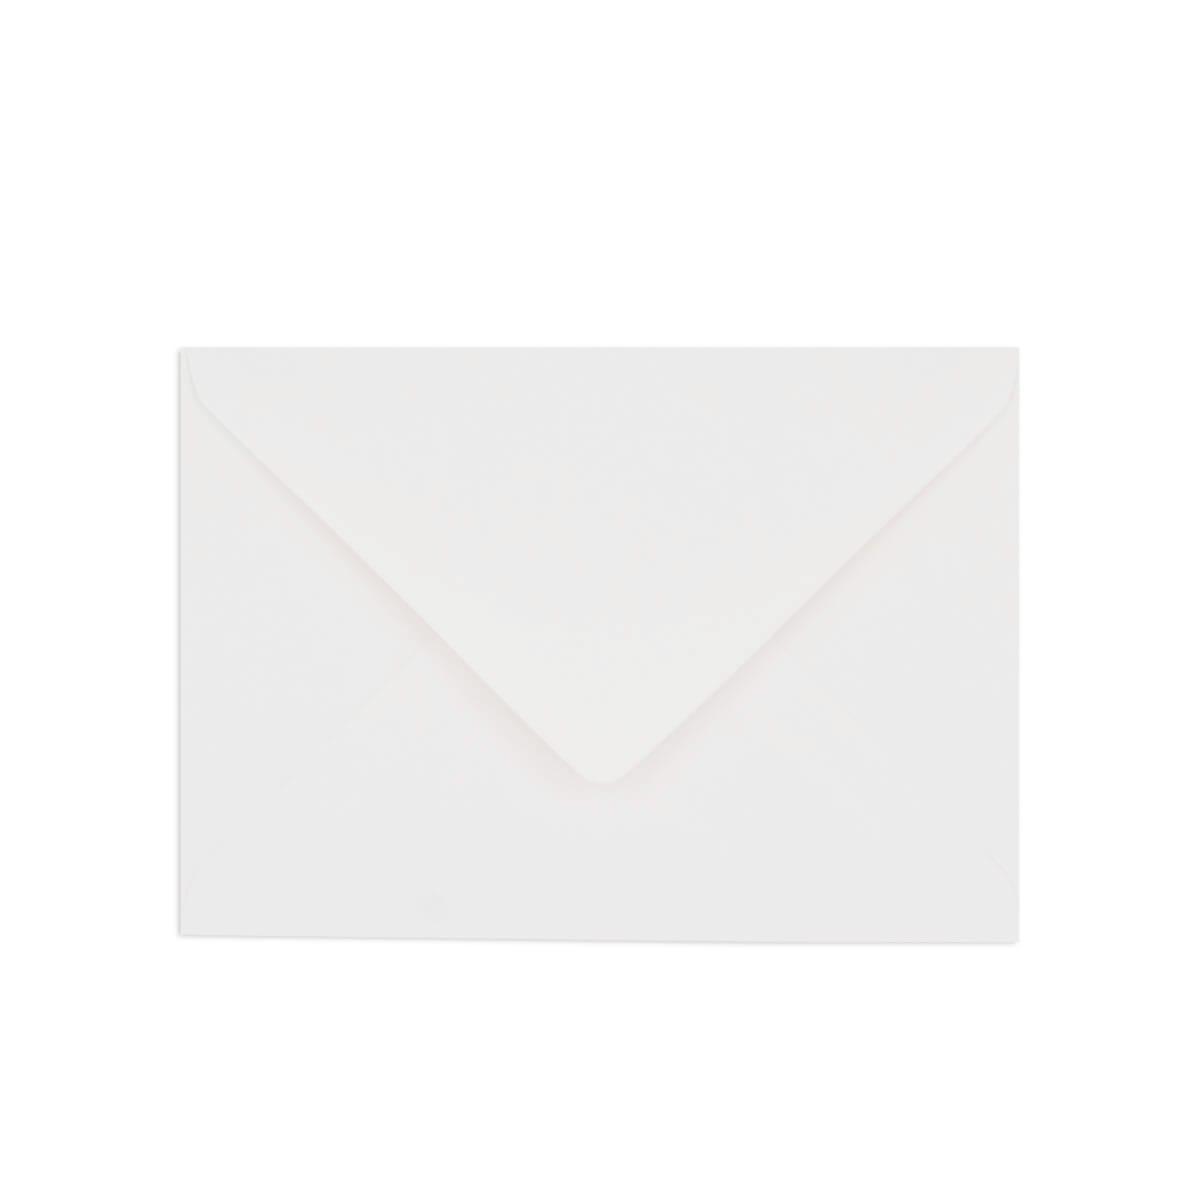 C6 CALLISTO DIAMOND WHITE 135GSM ENVELOPES